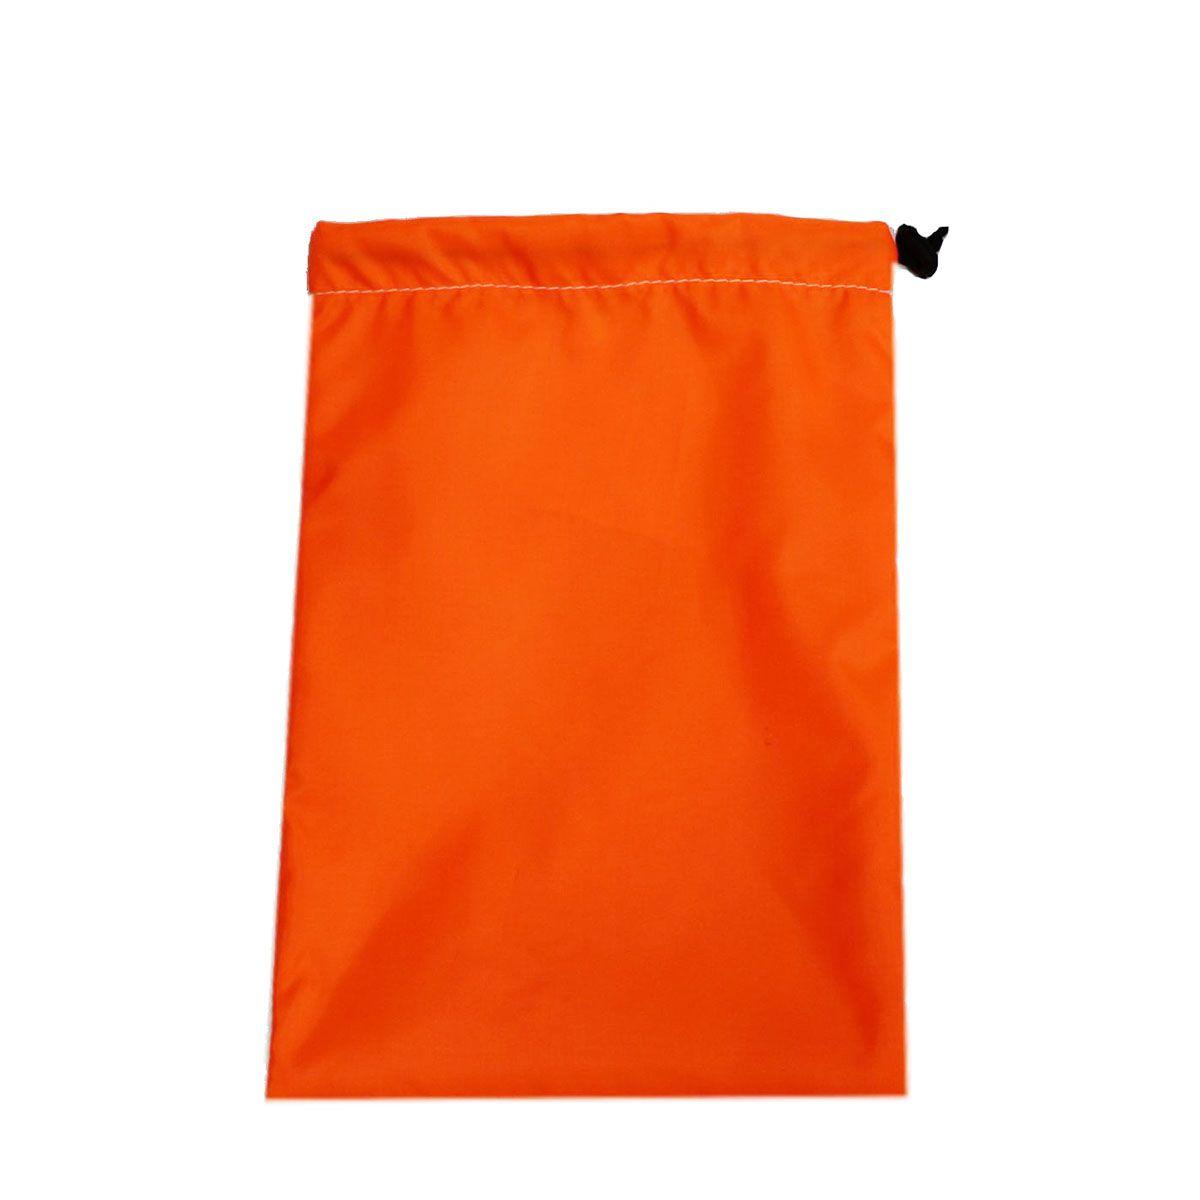 Мешок Tplus, для буксировочных ремней и динамических строп, цвет: оранжевый, 250 х 350 ммT000630Мешок Tplus предназначен для буксировочных ремней и динамических строп. Непромокаемый мешок затягивается сверху на прочный шнурок-утяжку. Размер: 250 х 350 мм. Материал: оксфорд.